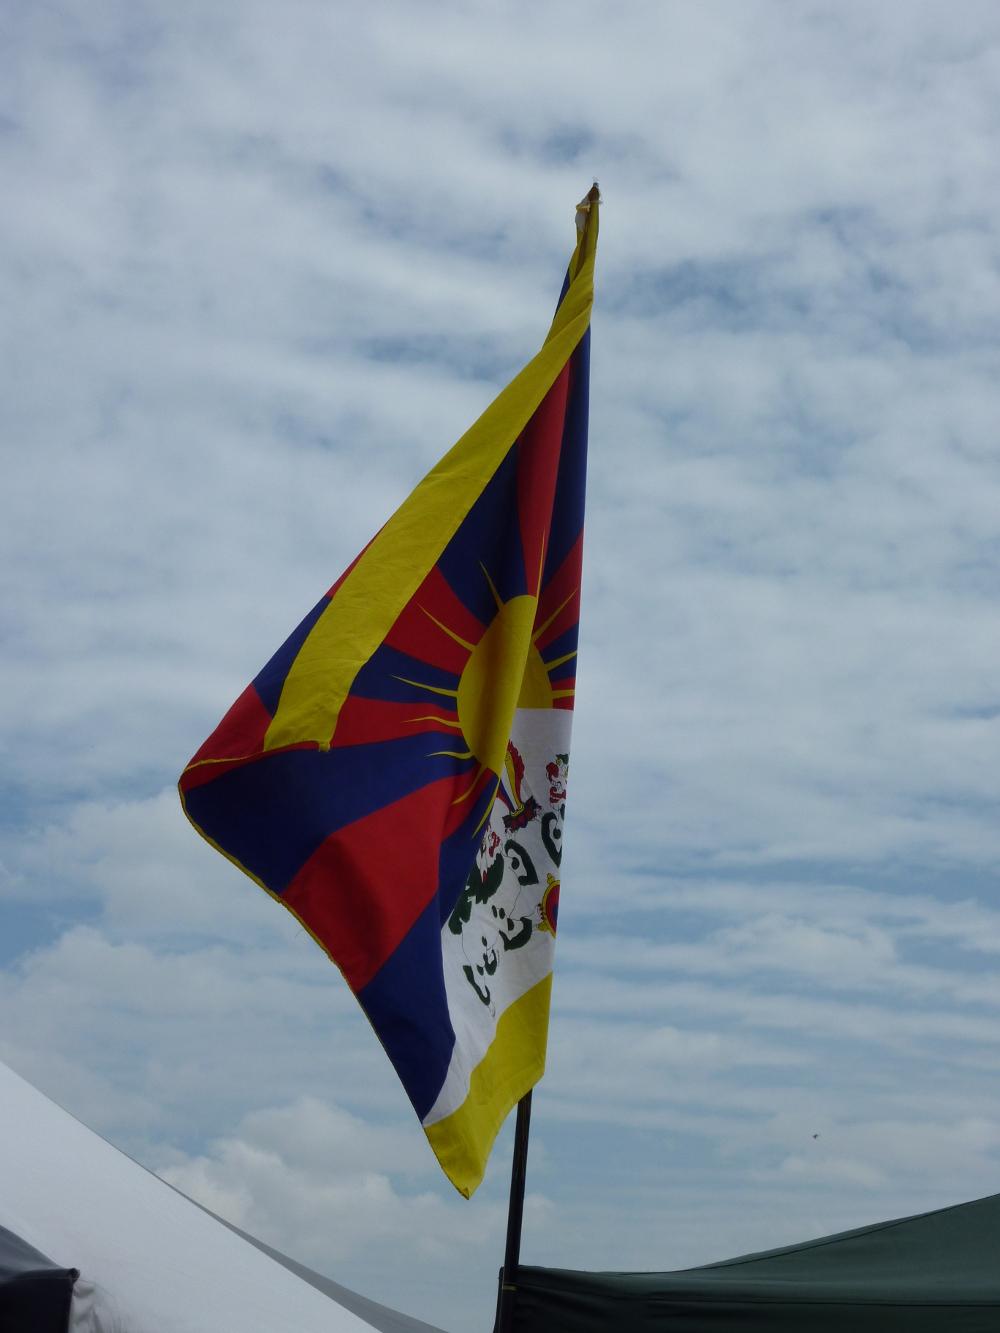 Flying the Tibet flag